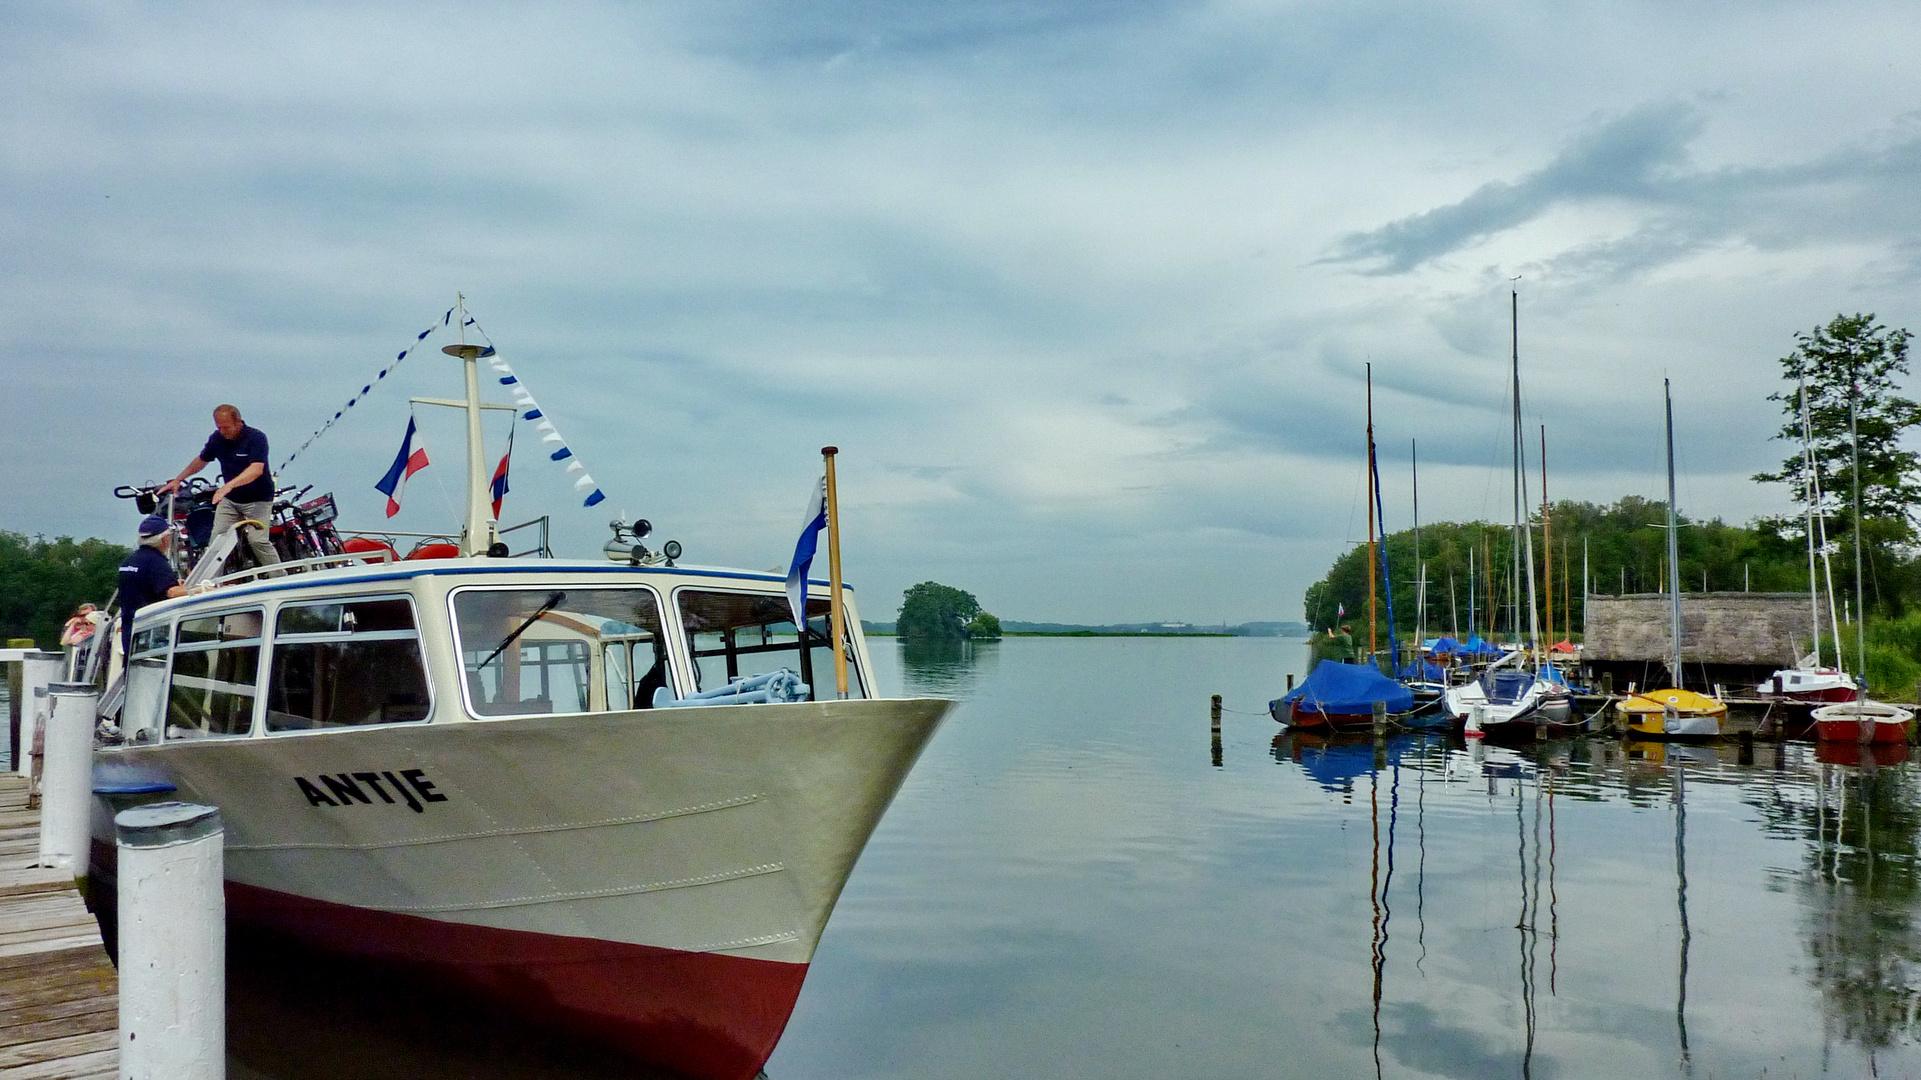 ~~~ Schifffahrt nach Bosau mit der *Antje* auf dem Plöner See ~~~